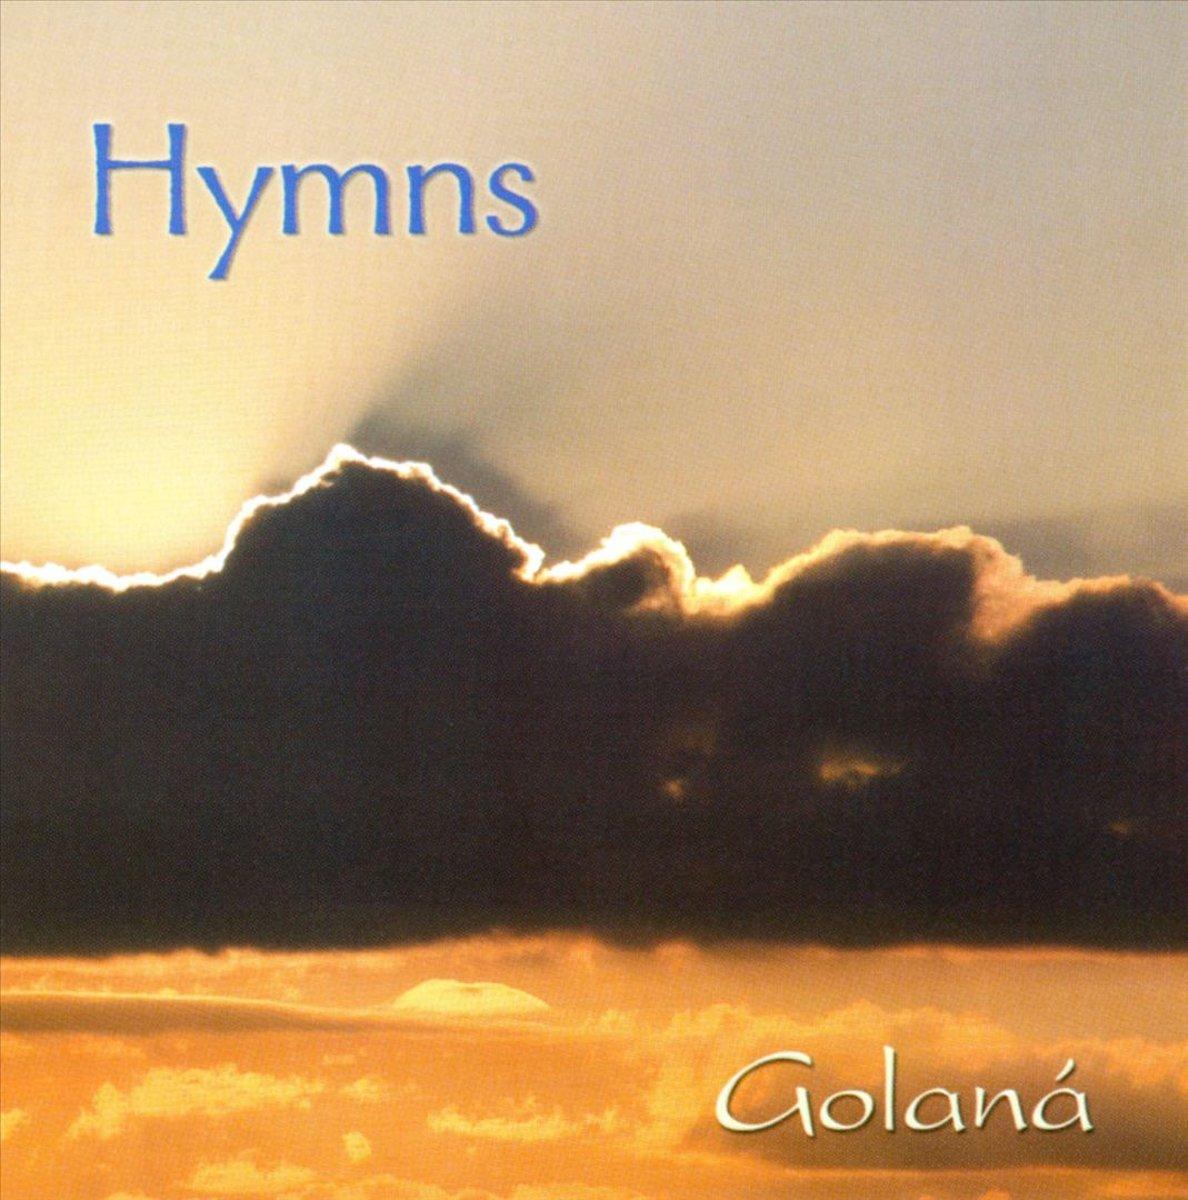 Hymns kopen